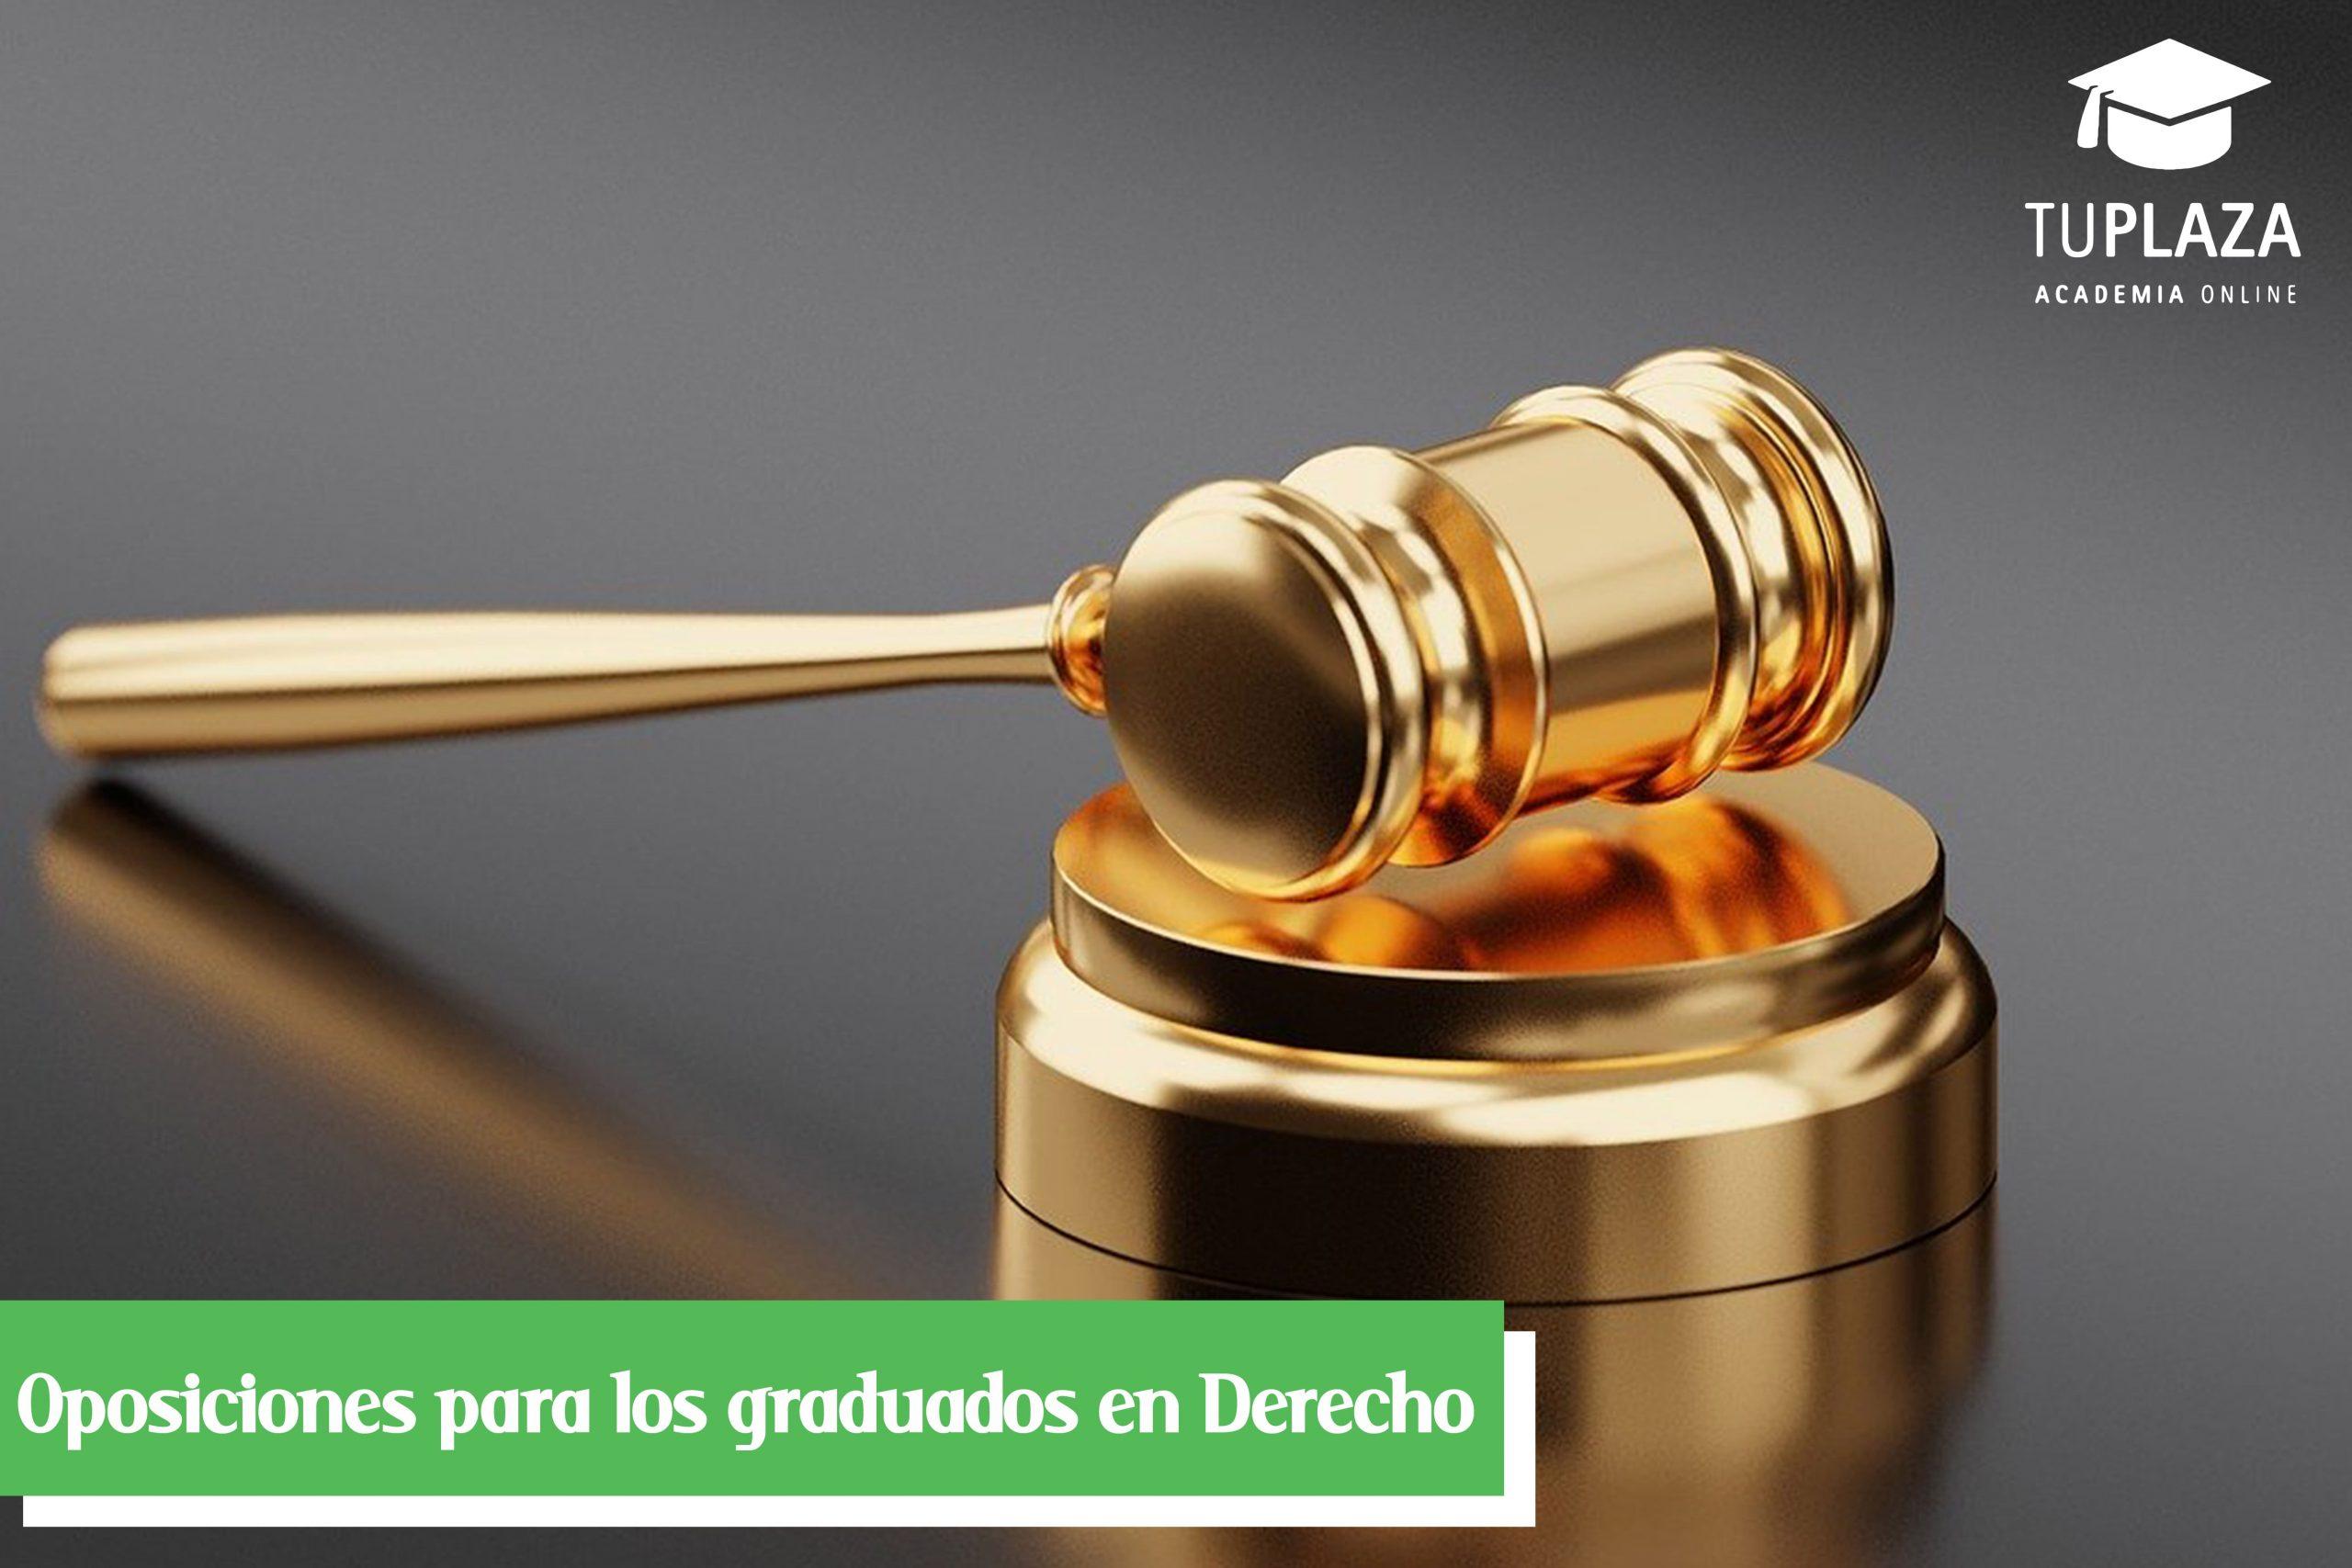 01-Oposiciones para los graduados en Derecho